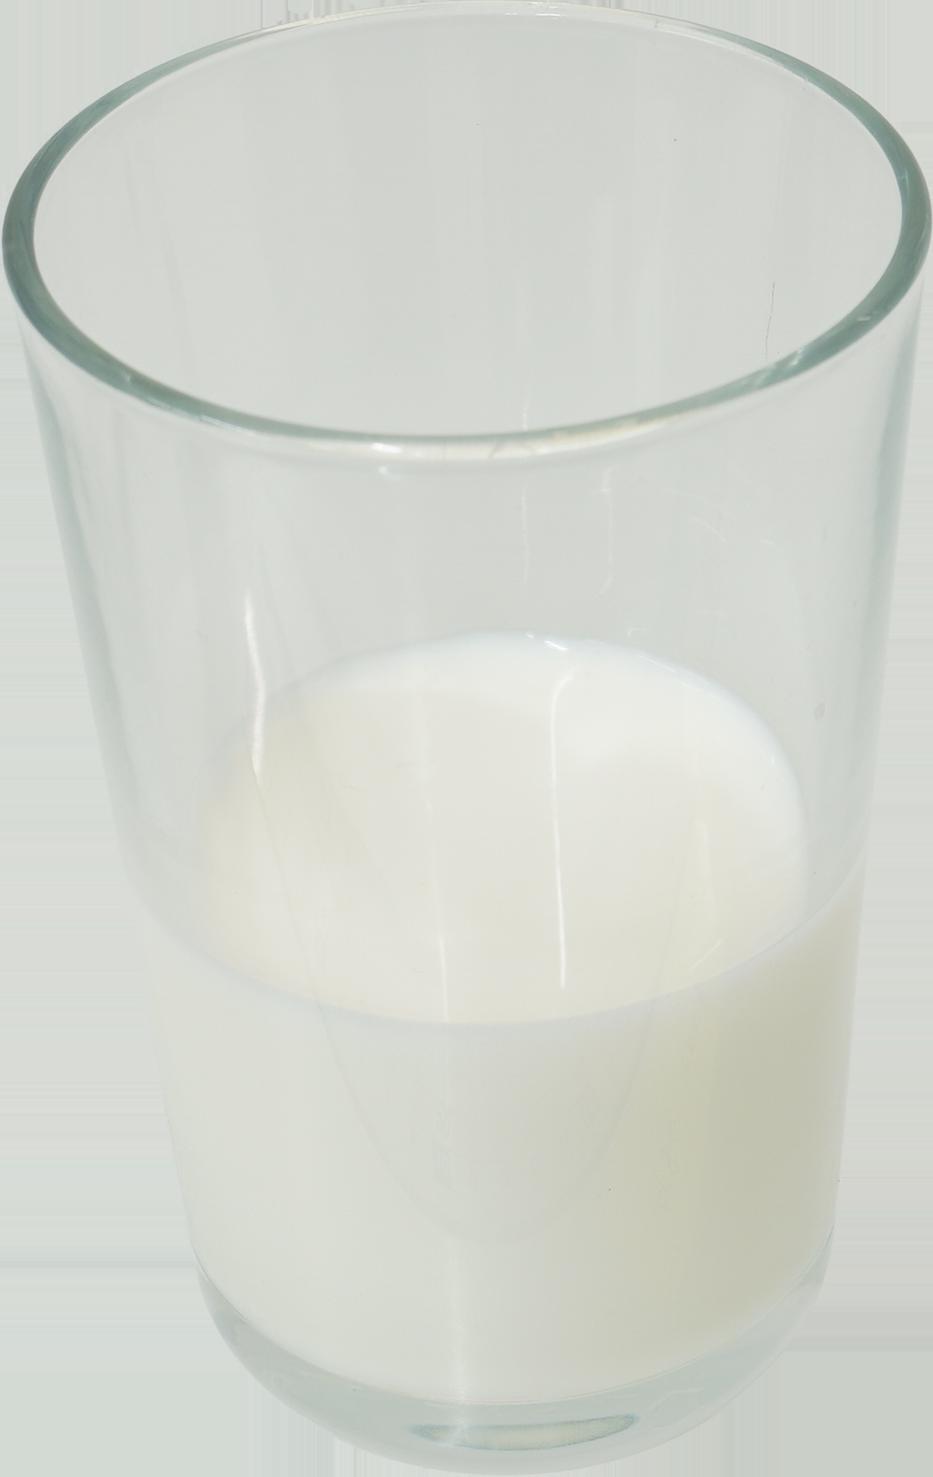 普通牛乳 商用可フリー画像・背景透過